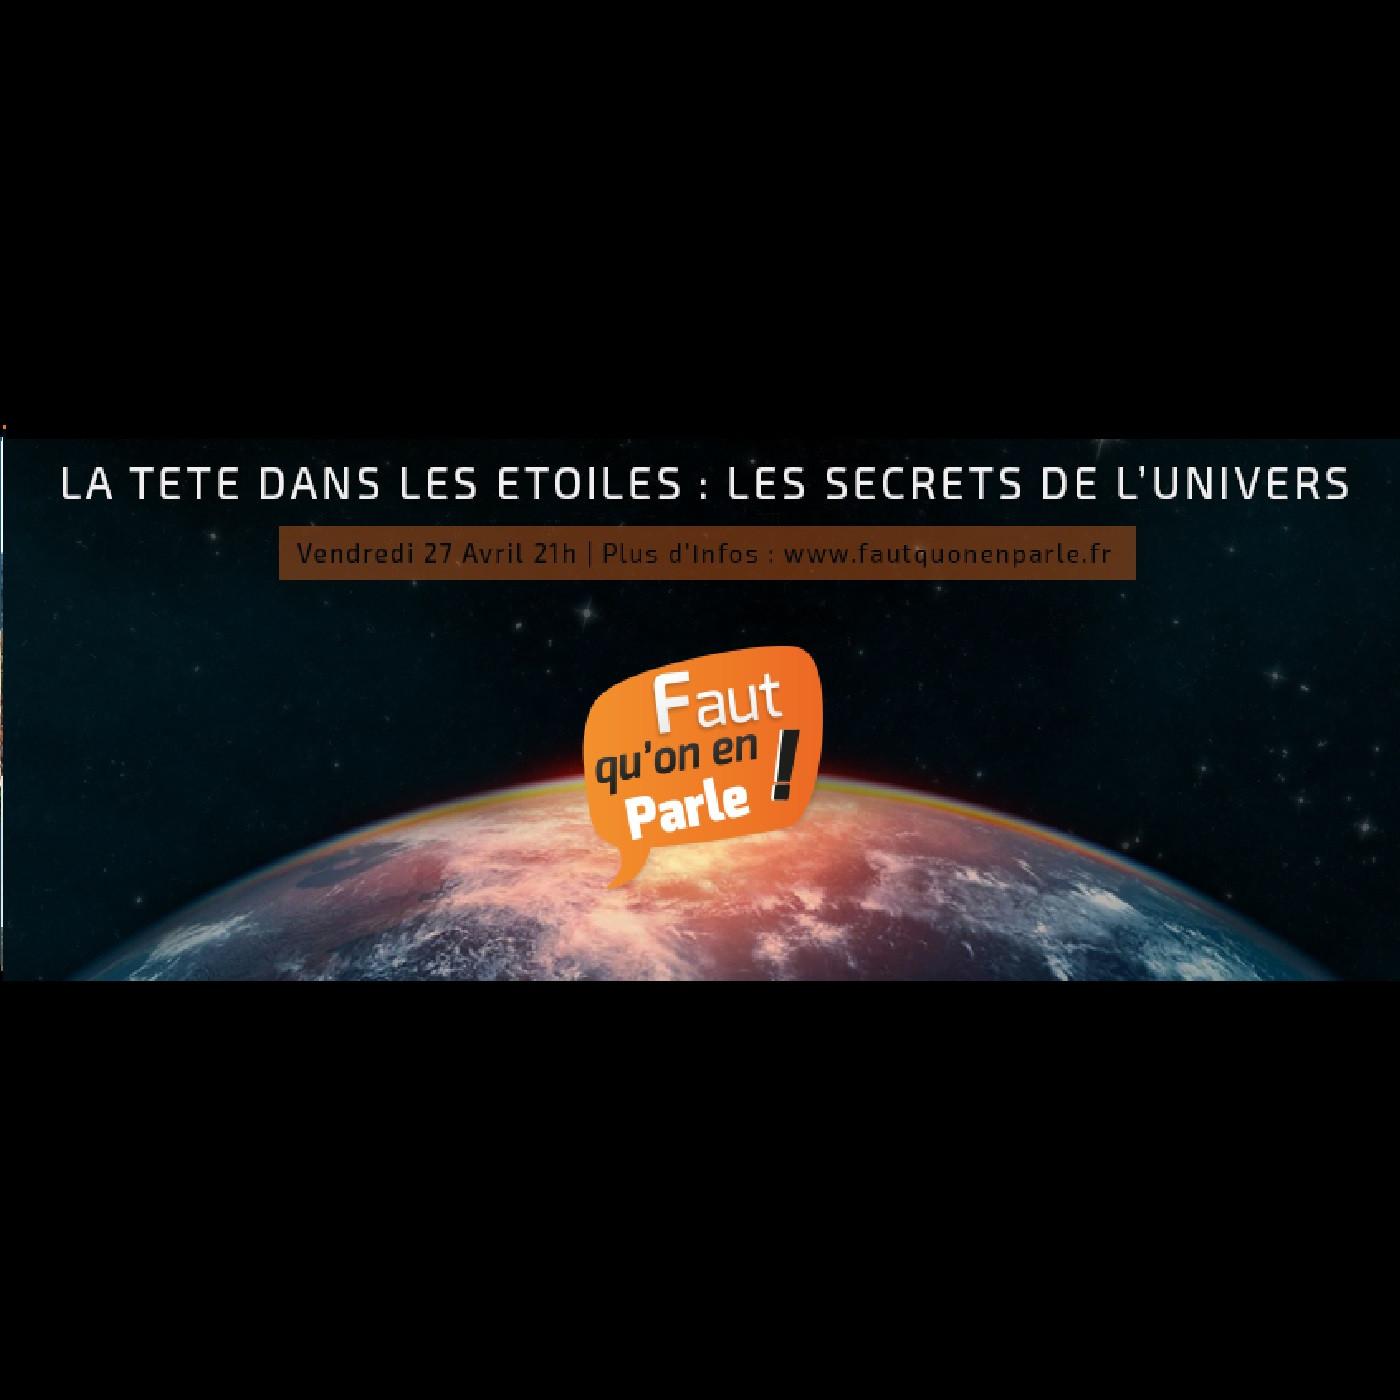 LA TETE DANS LES ETOILES: Les secrets de l'univers